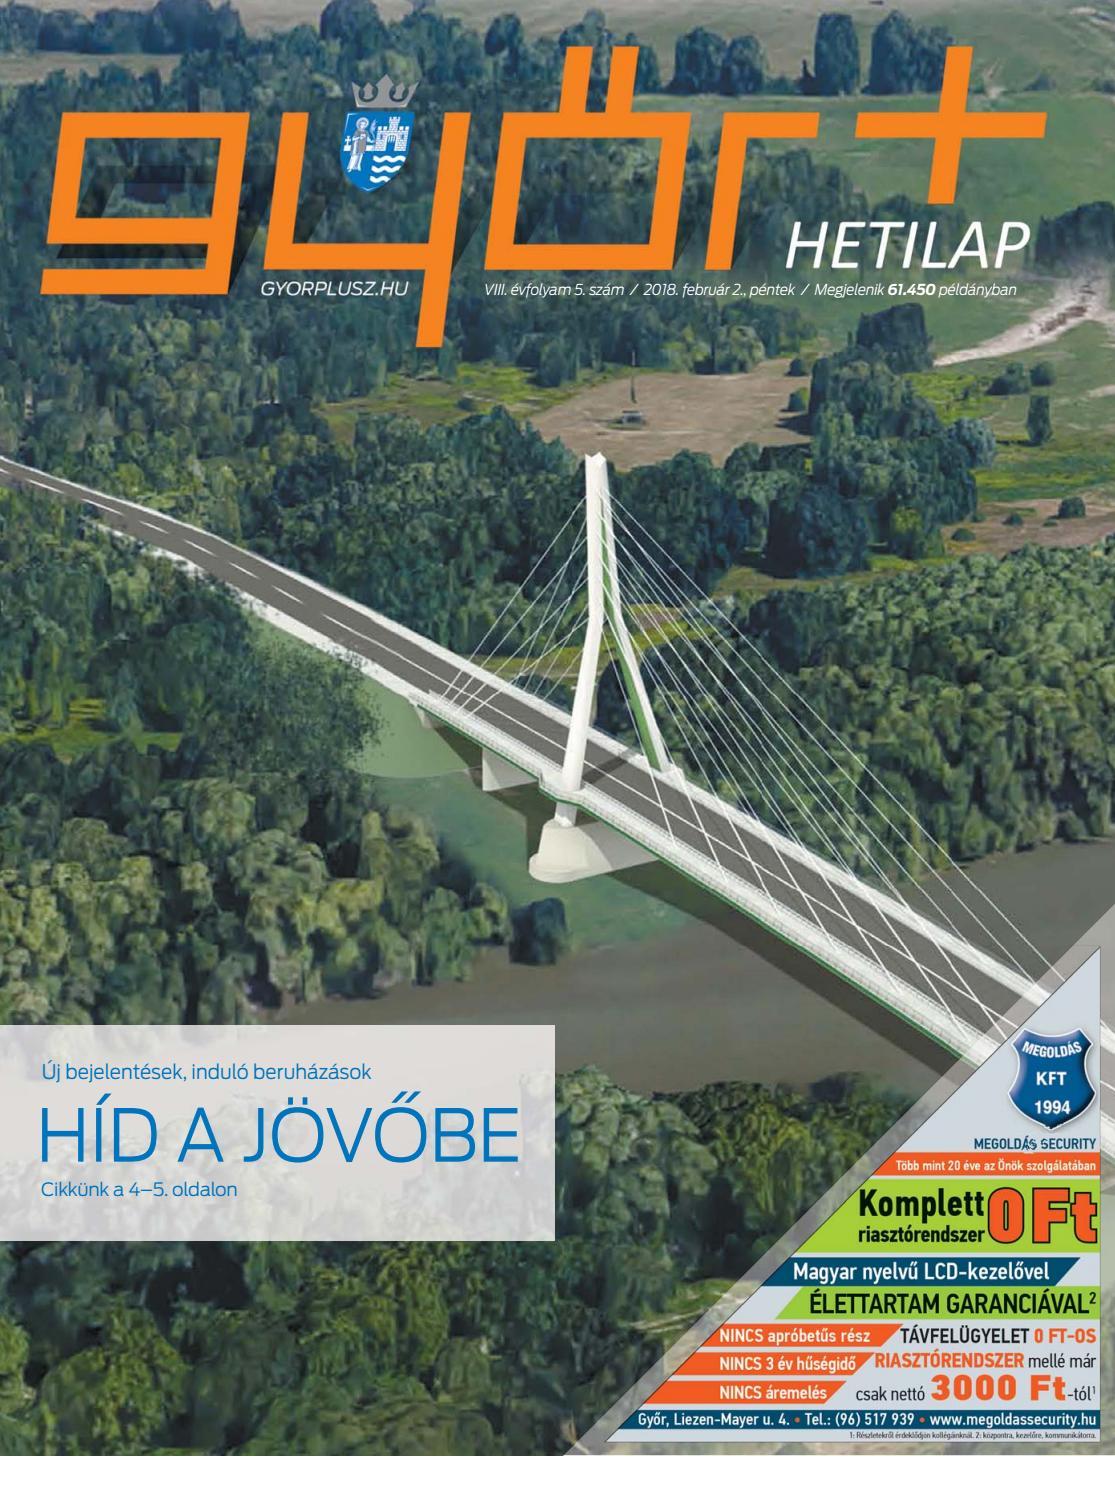 b234a768b2 Győr+ Hetilap – VIII. évfolyam 5. szám by Győr+ Média - issuu